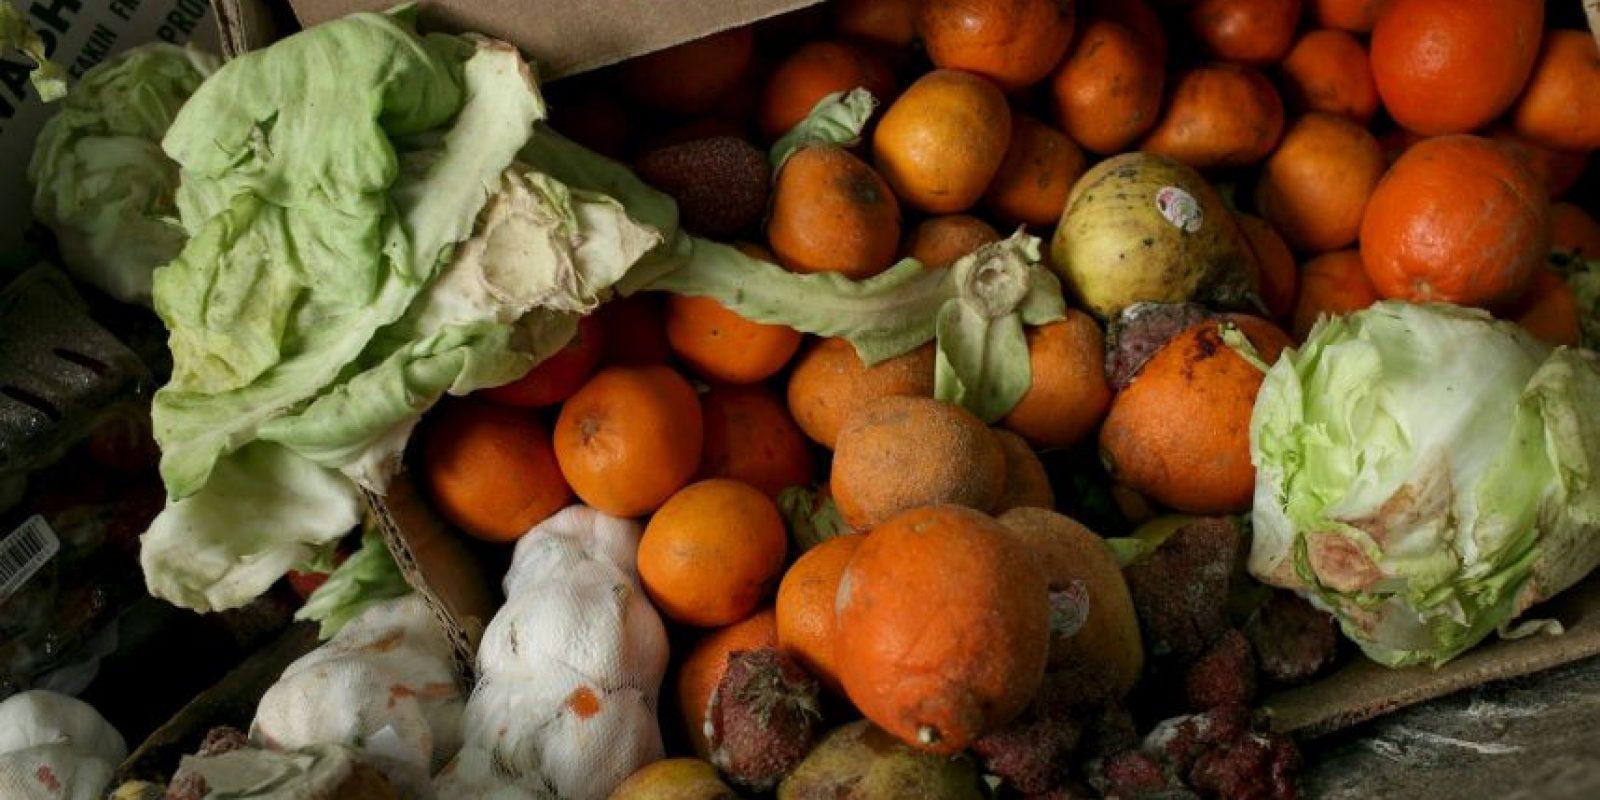 Se estima que la comida desperdiciada por los noruegos es de 620 kilogramos por persona cada año. Foto:Getty Images